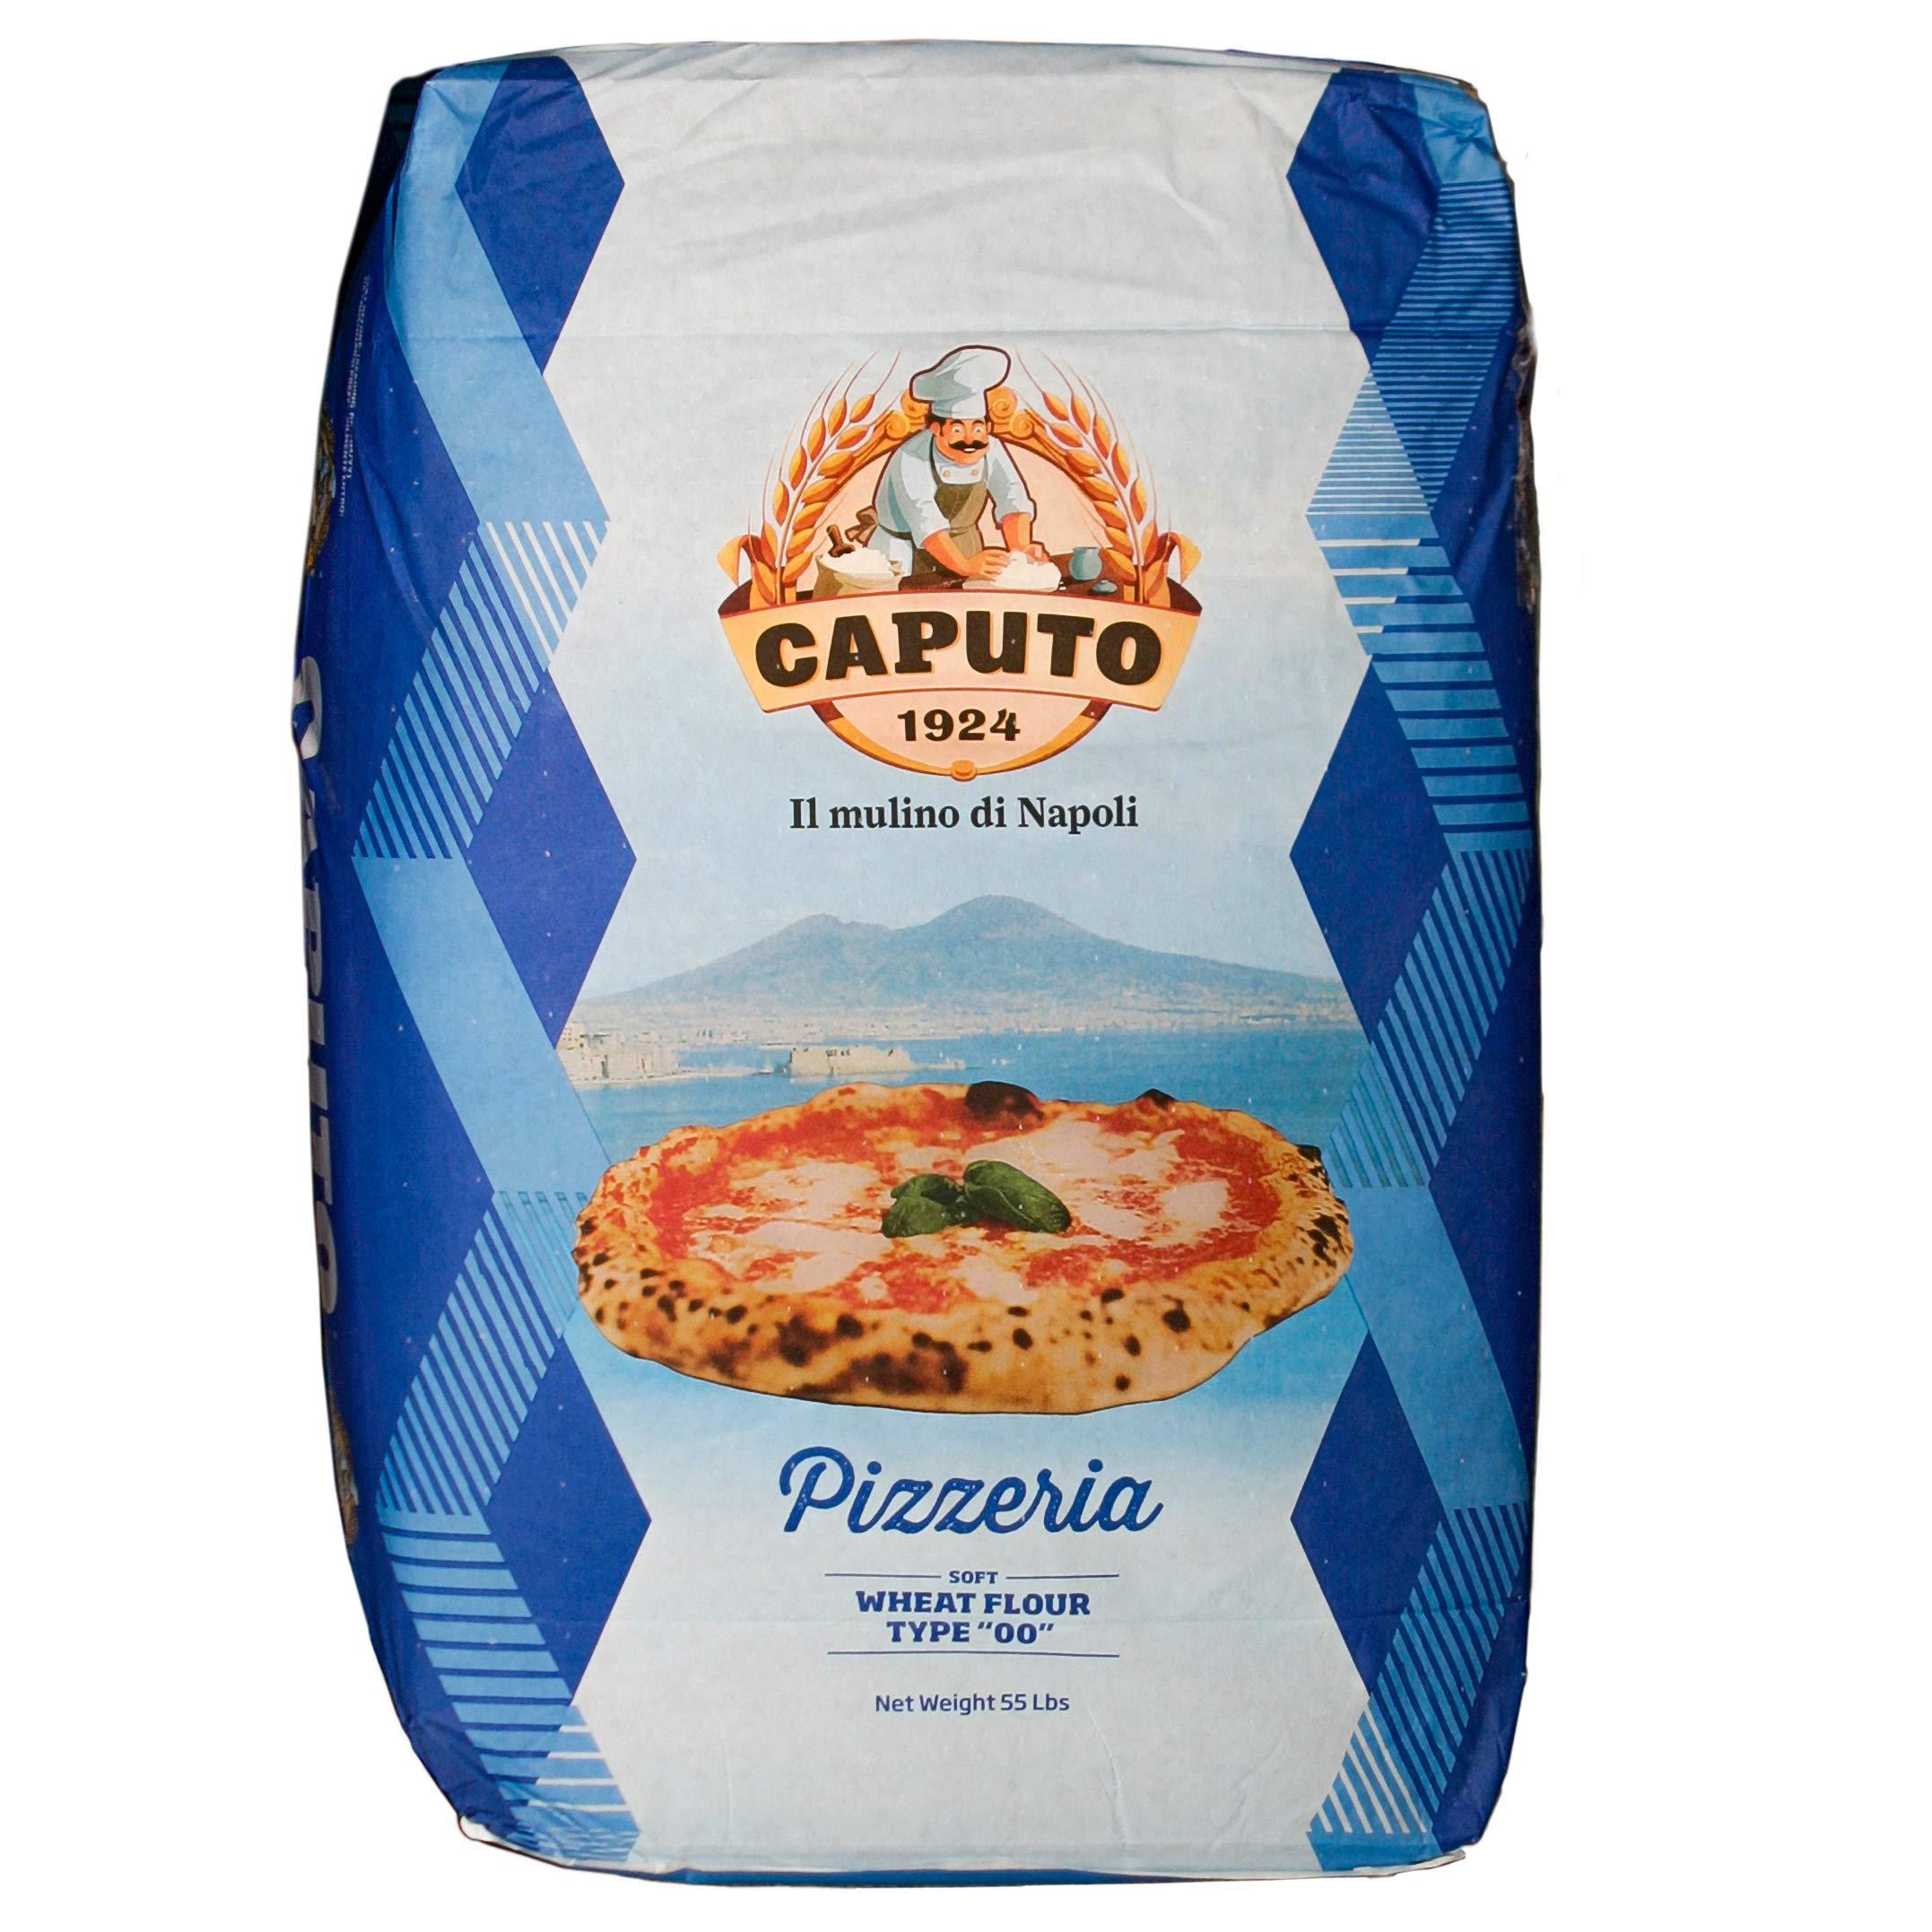 Antimo Molino Napoli Caputo 00 Pizzeria Flour (Blue) 15 Lb Repack by Antico Molino Napoli